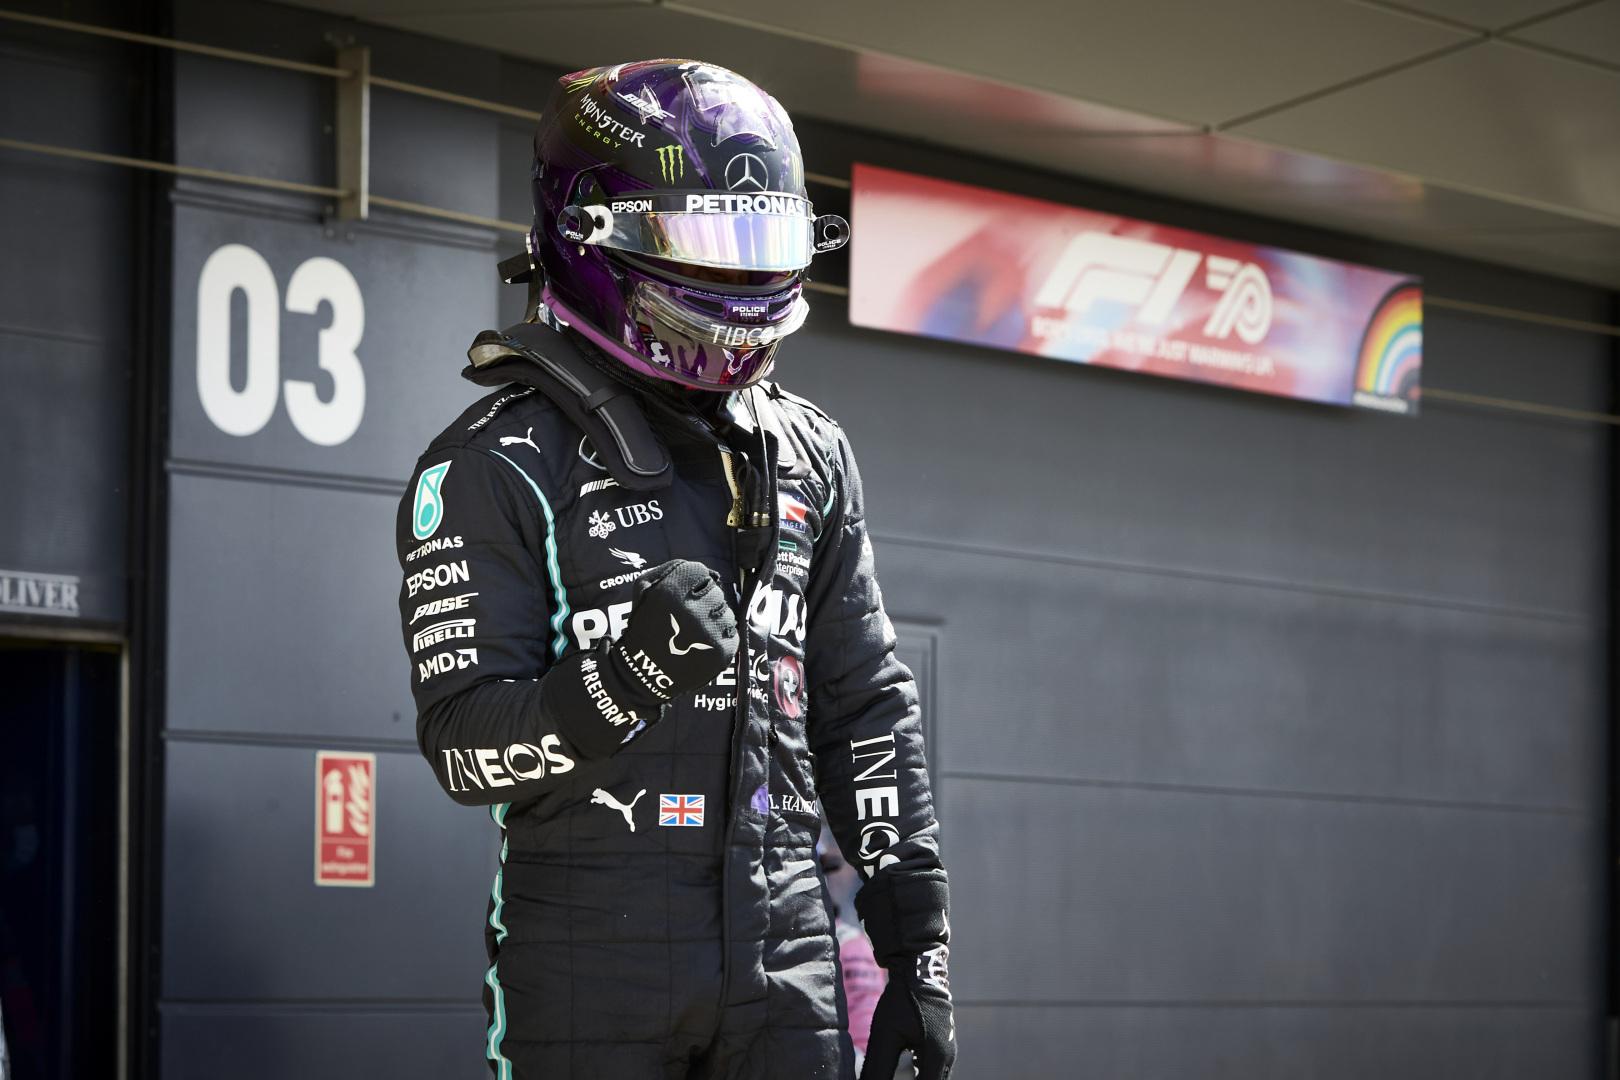 Pour Verstappen, personne ne peut empêcher Hamilton de remporter un autre titre 1